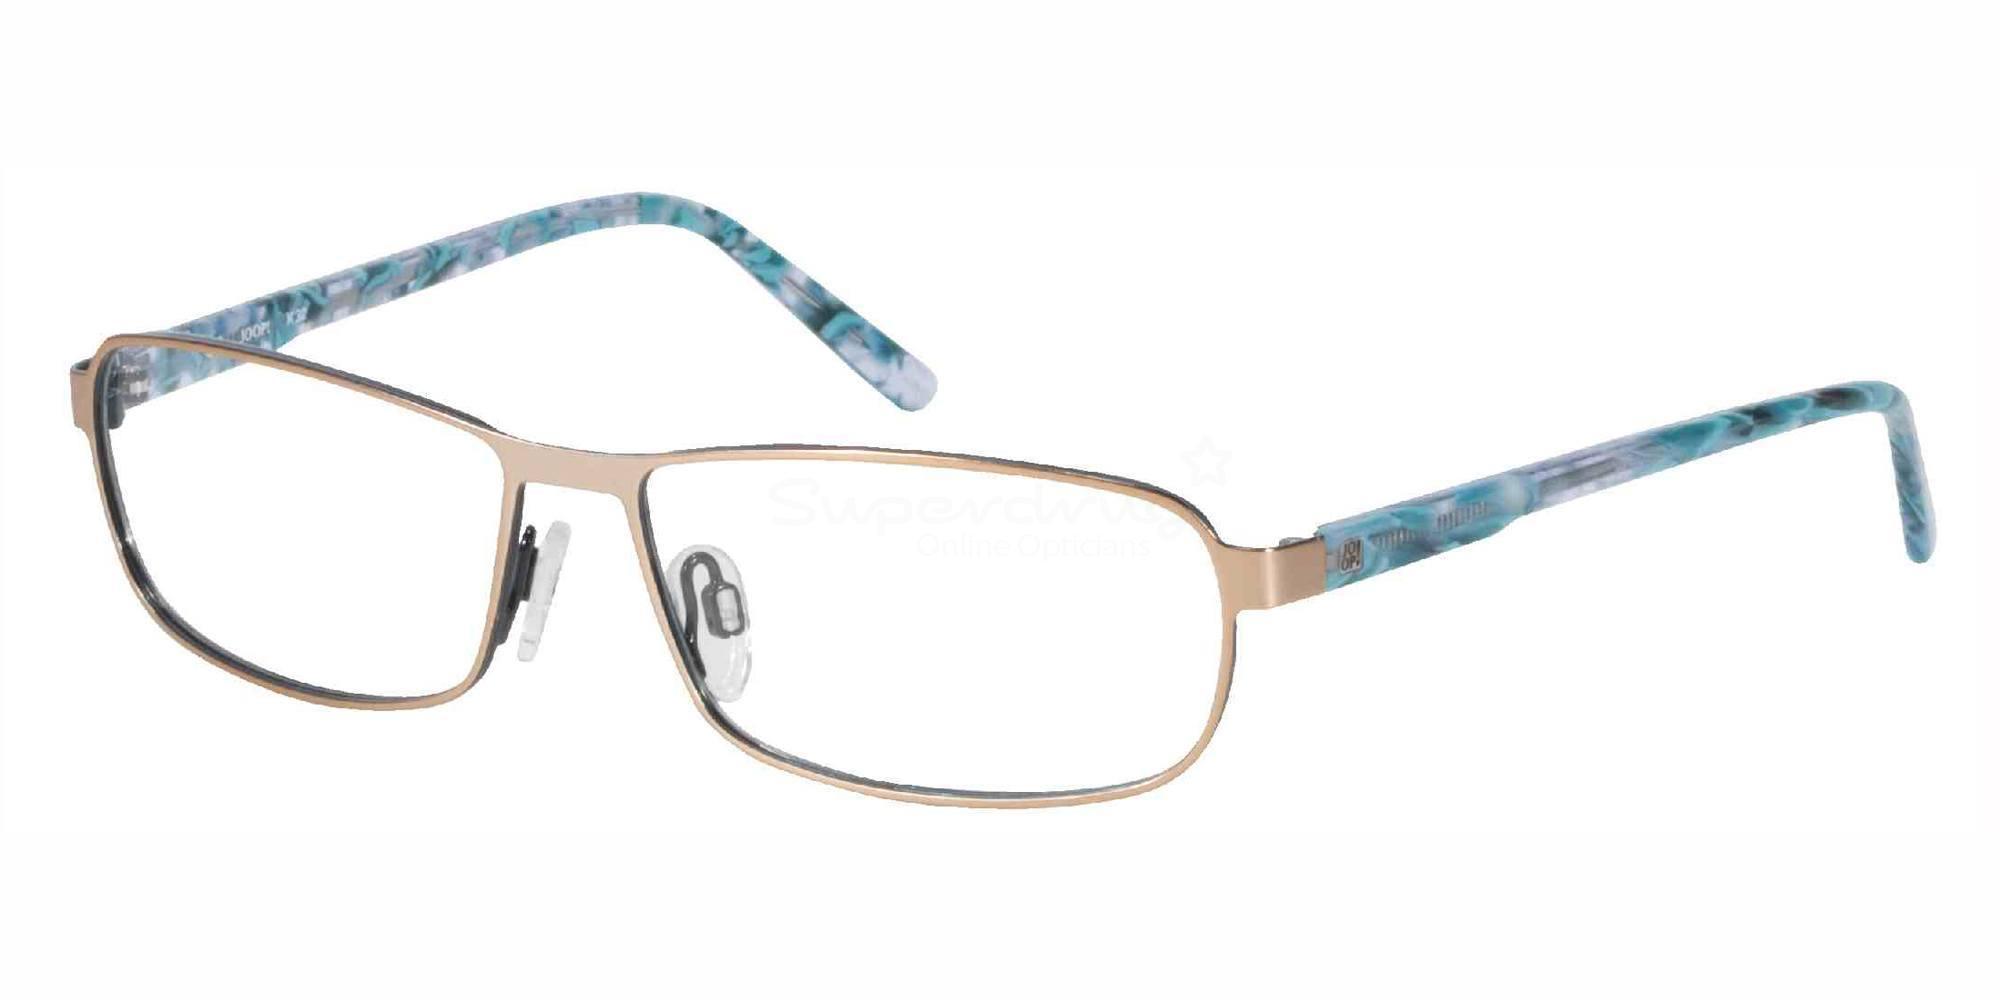 815 83150 Glasses, JOOP Eyewear